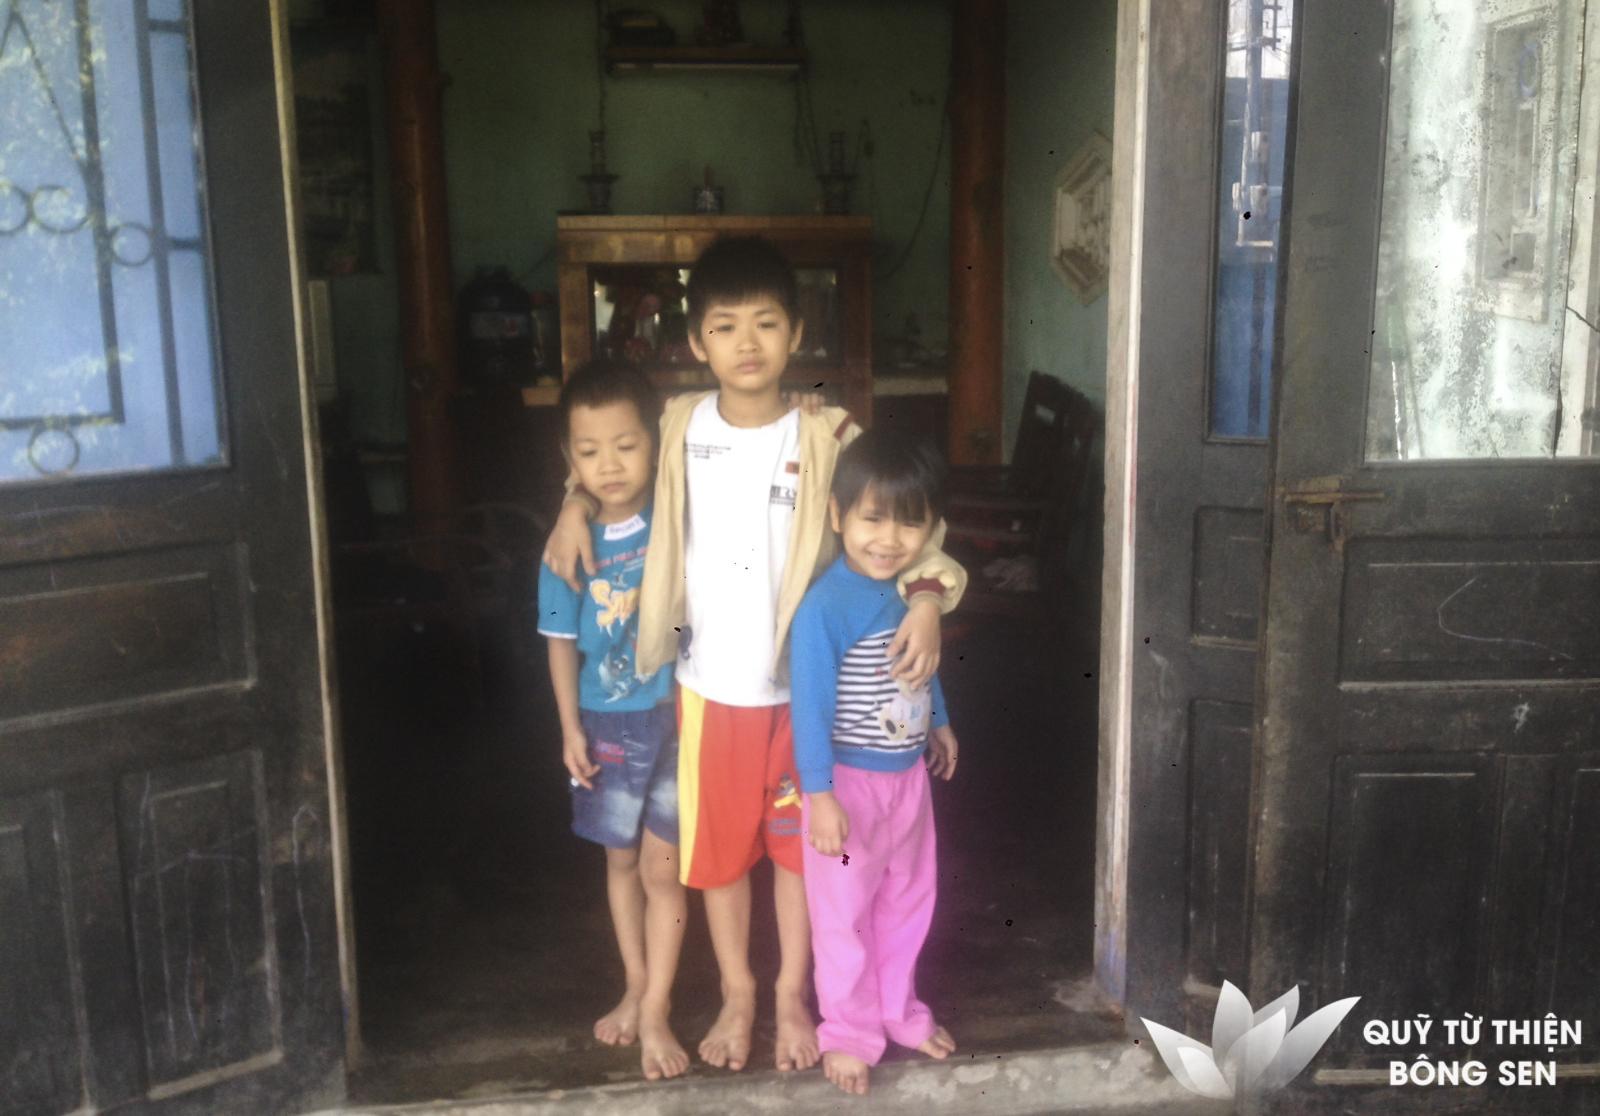 Kỳ 396: Phan Thị Nhựt (sinh năm 1989) Đà Nẵng, khối u buồng trứng, hỗ trợ 6 triệu đồng ngày 15/12/2018